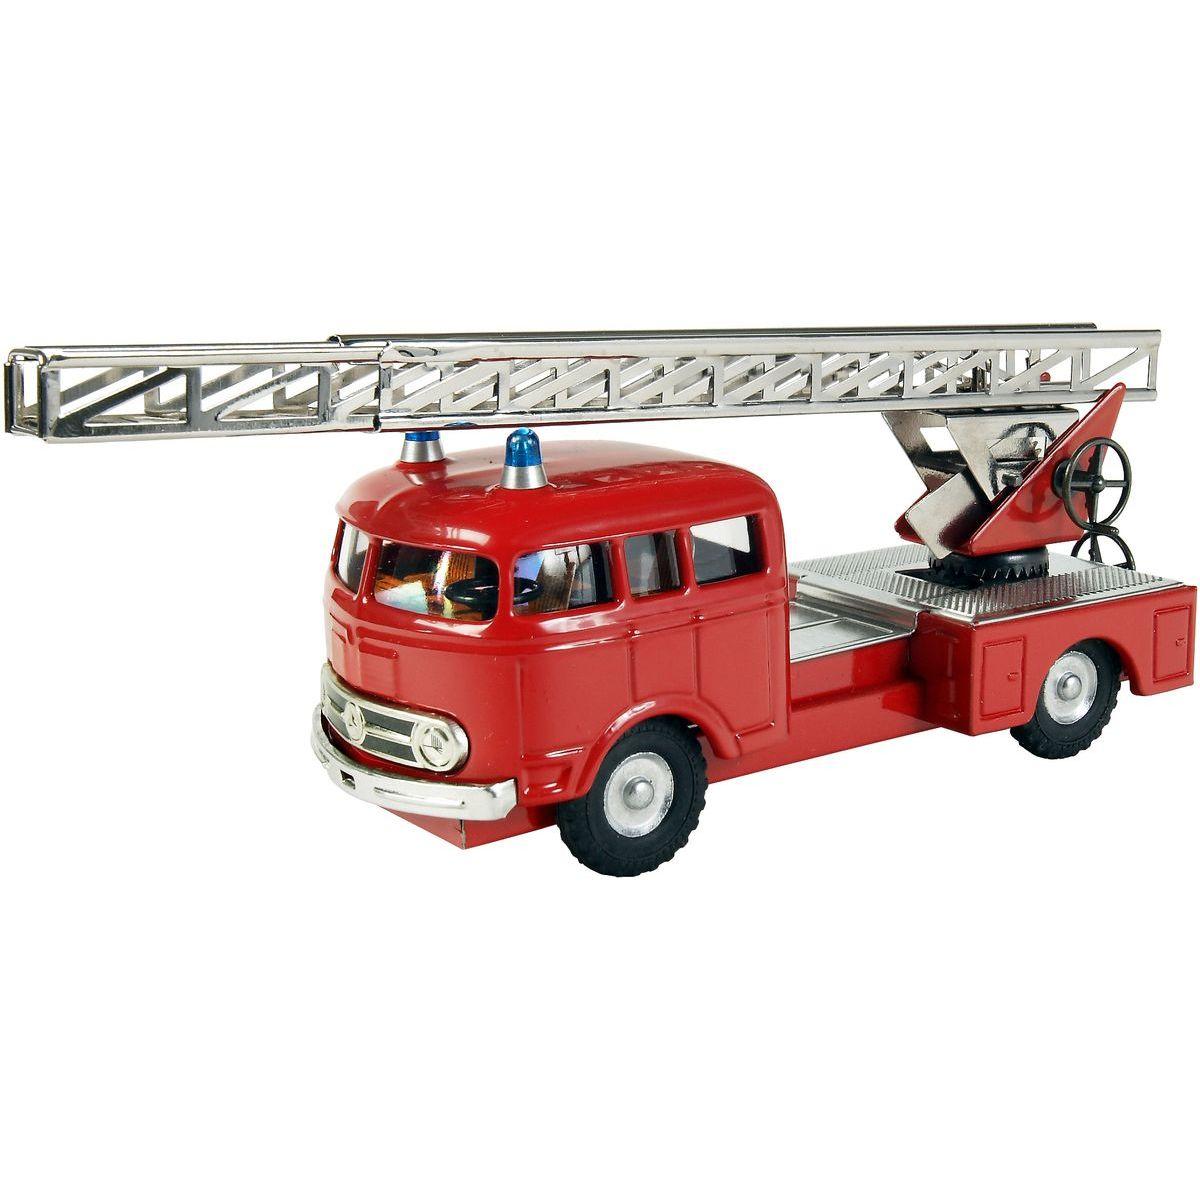 Kovap Mercedes Benz 335 hasič žebřík